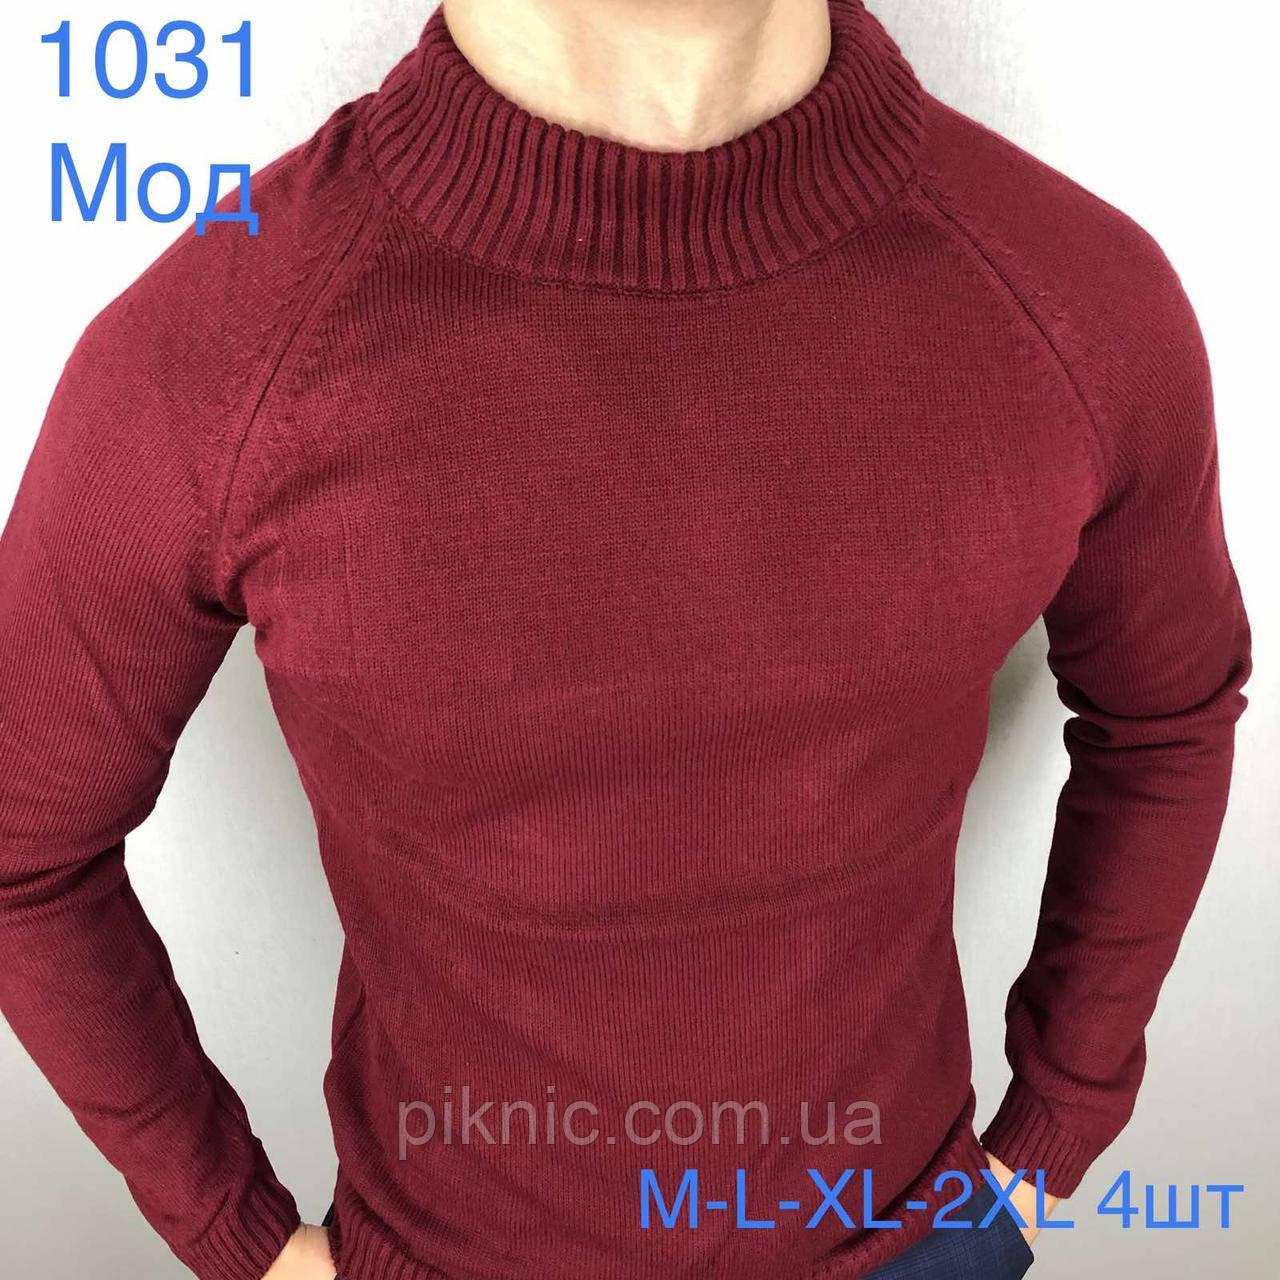 Молодежный мужской свитер Турция L,XL,XXL. Джемпер турецкий приталенный для мужчин. Бордо